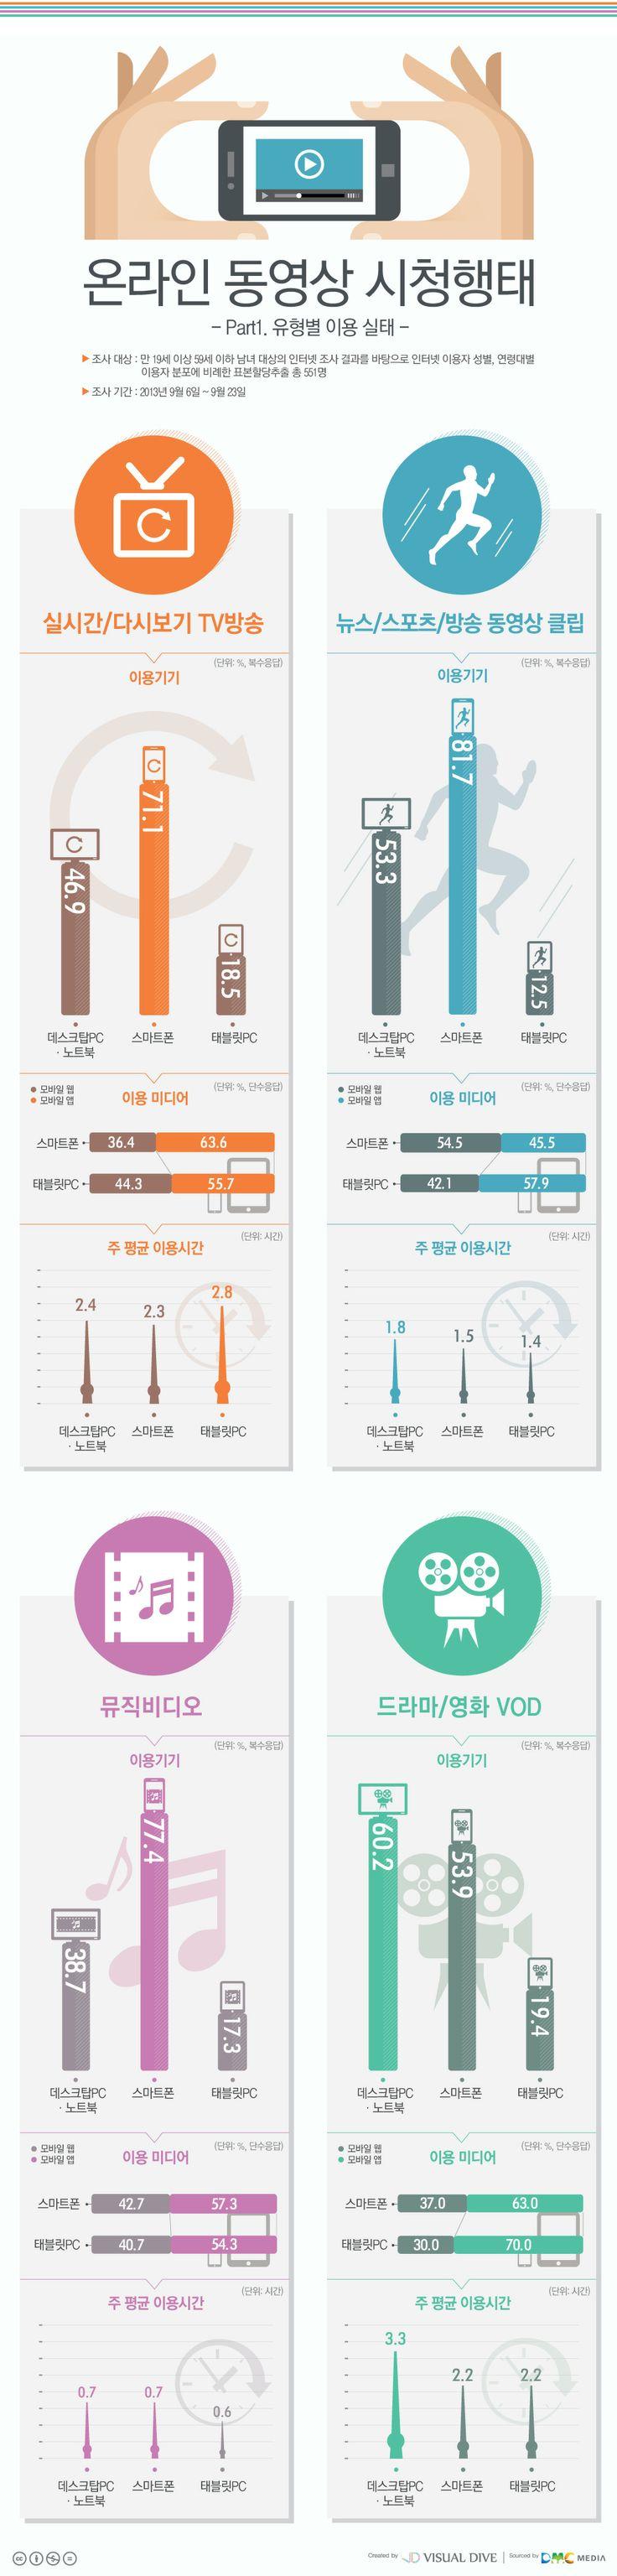 온라인 동영상으로 실시간, 다시보기…71.1% 스마트폰 이용 [인포그래픽] #mobile  #Infographic ⓒ 비주얼다이브 무단 복사·전재·재배포